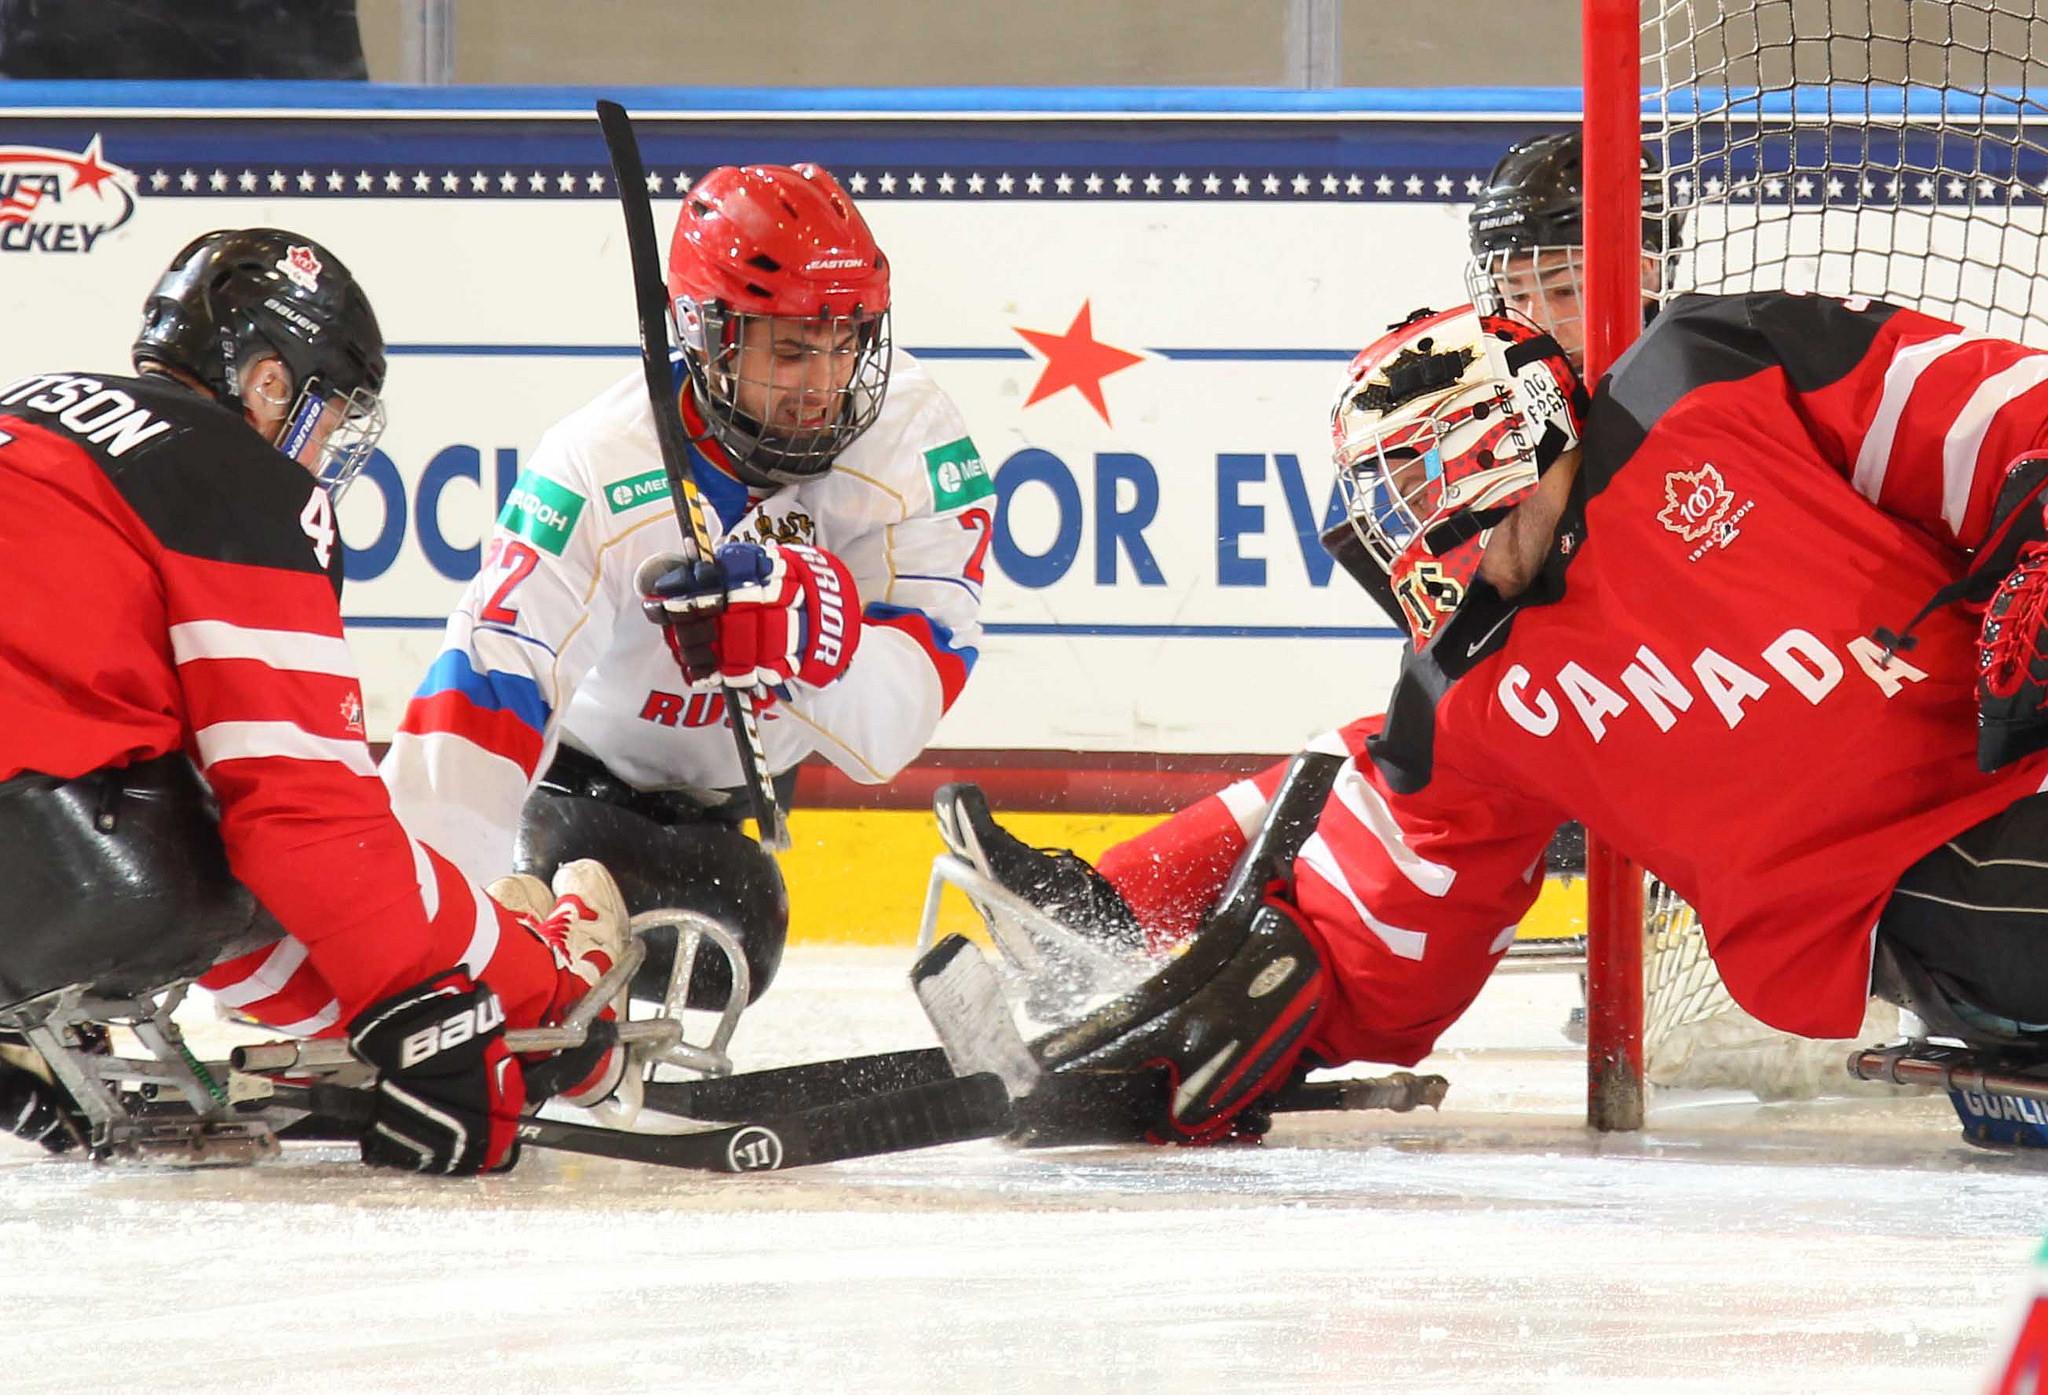 Сборная команда России сразится с командой Норвегии в матче за бронзовые награды чемпионата мира по следж-хоккею в группе А в США